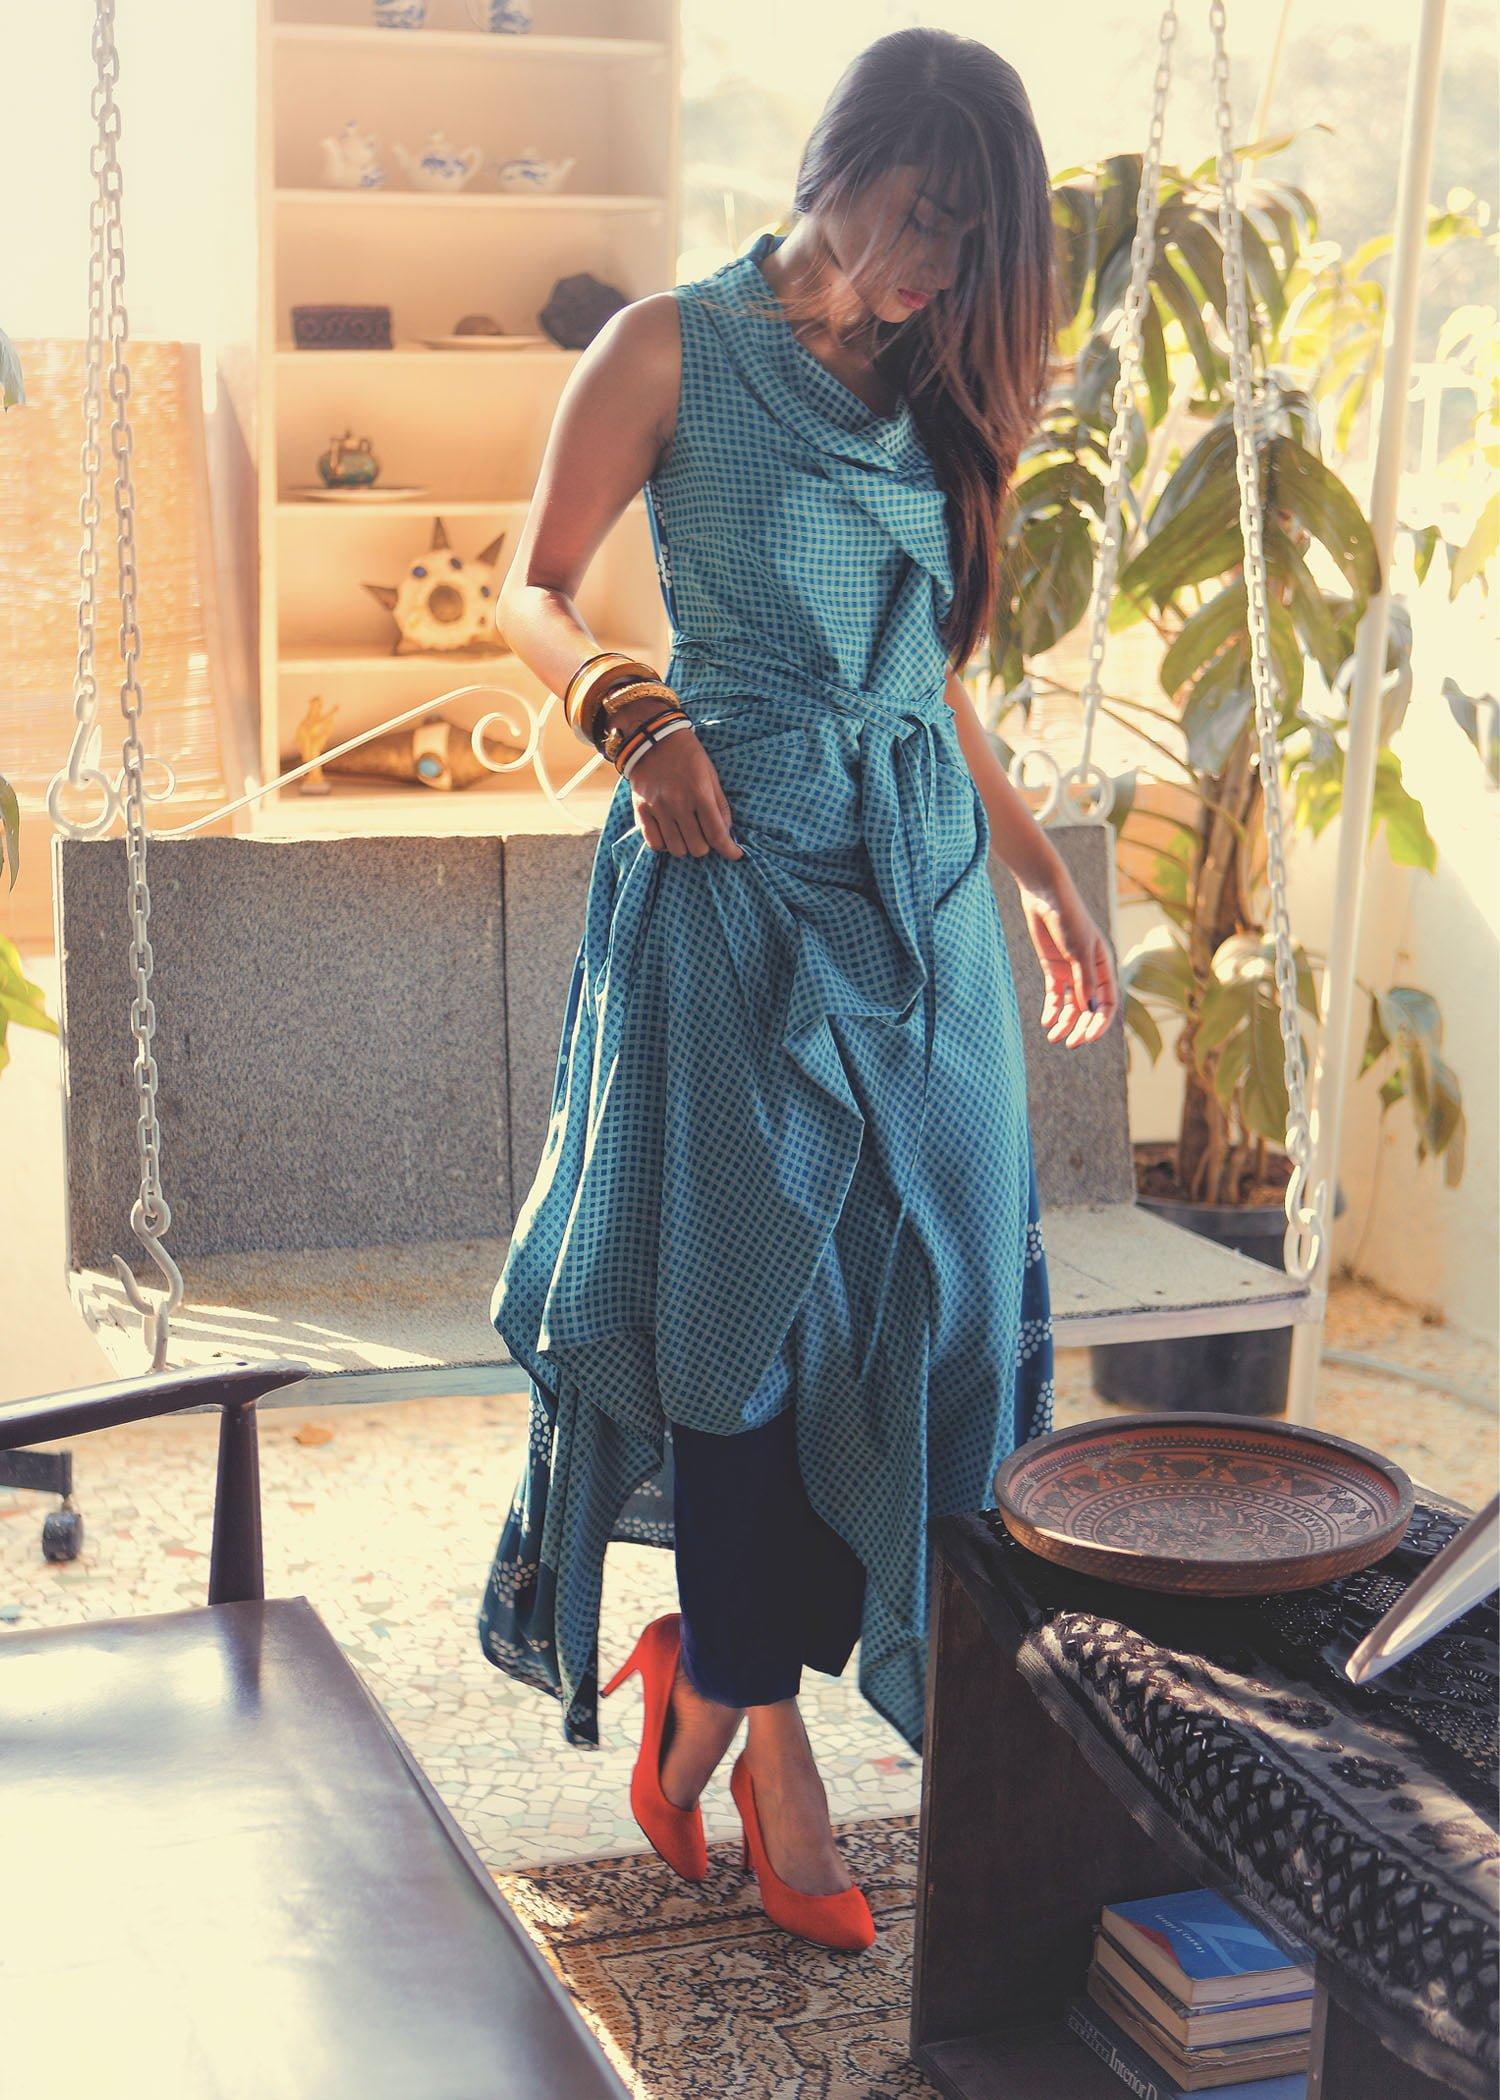 Wills lifestyle fashion week 2013 autumn winter celebration Wills lifestyle fashion week